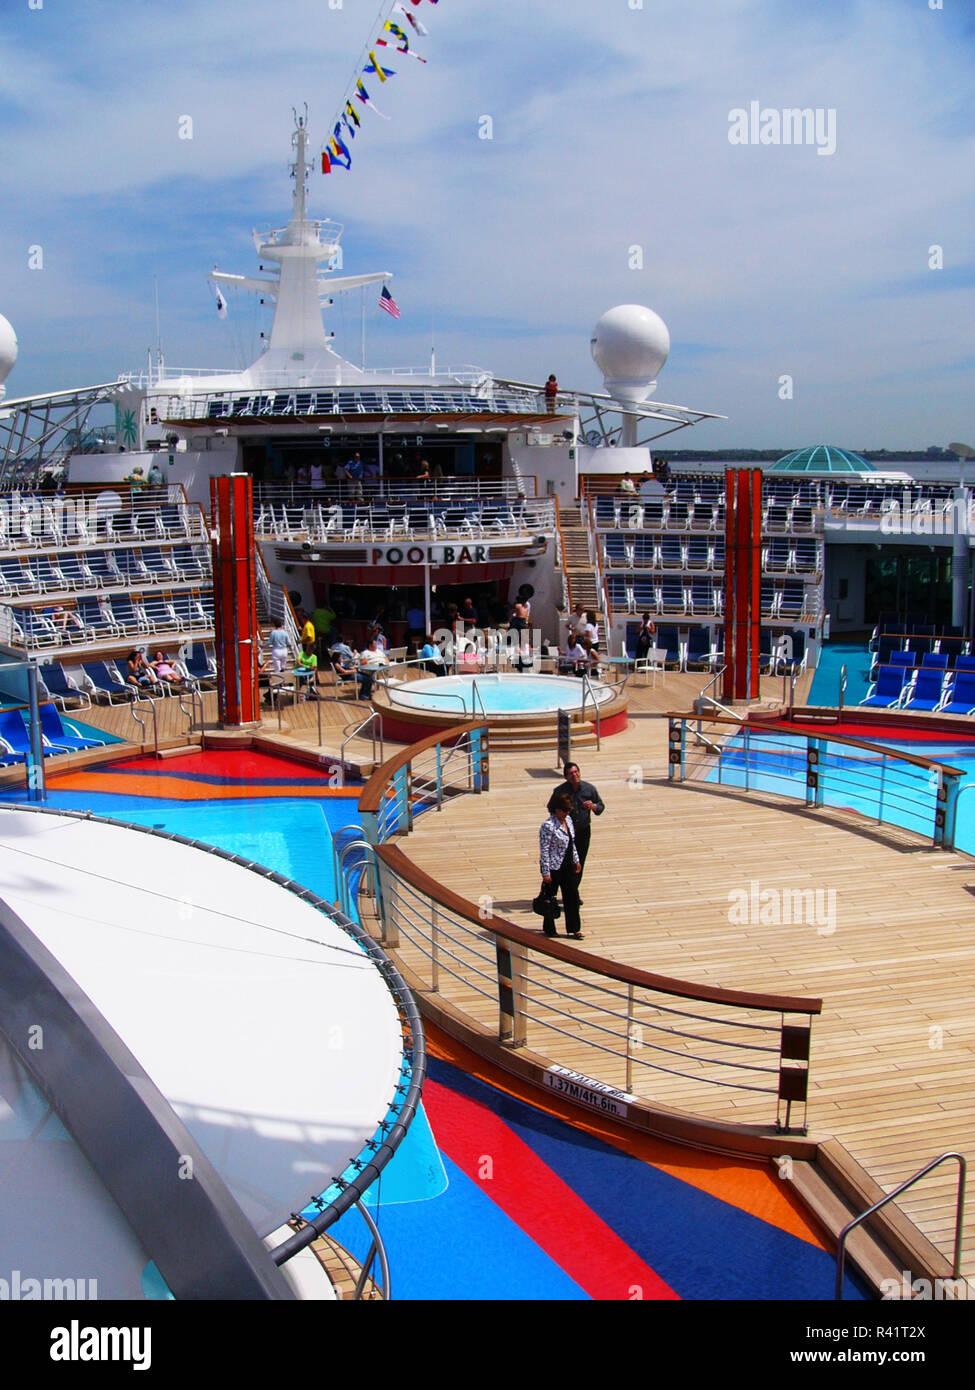 La terraza de la piscina y el bar de la piscina de Royal Caribbean la  libertad edb7568235d2